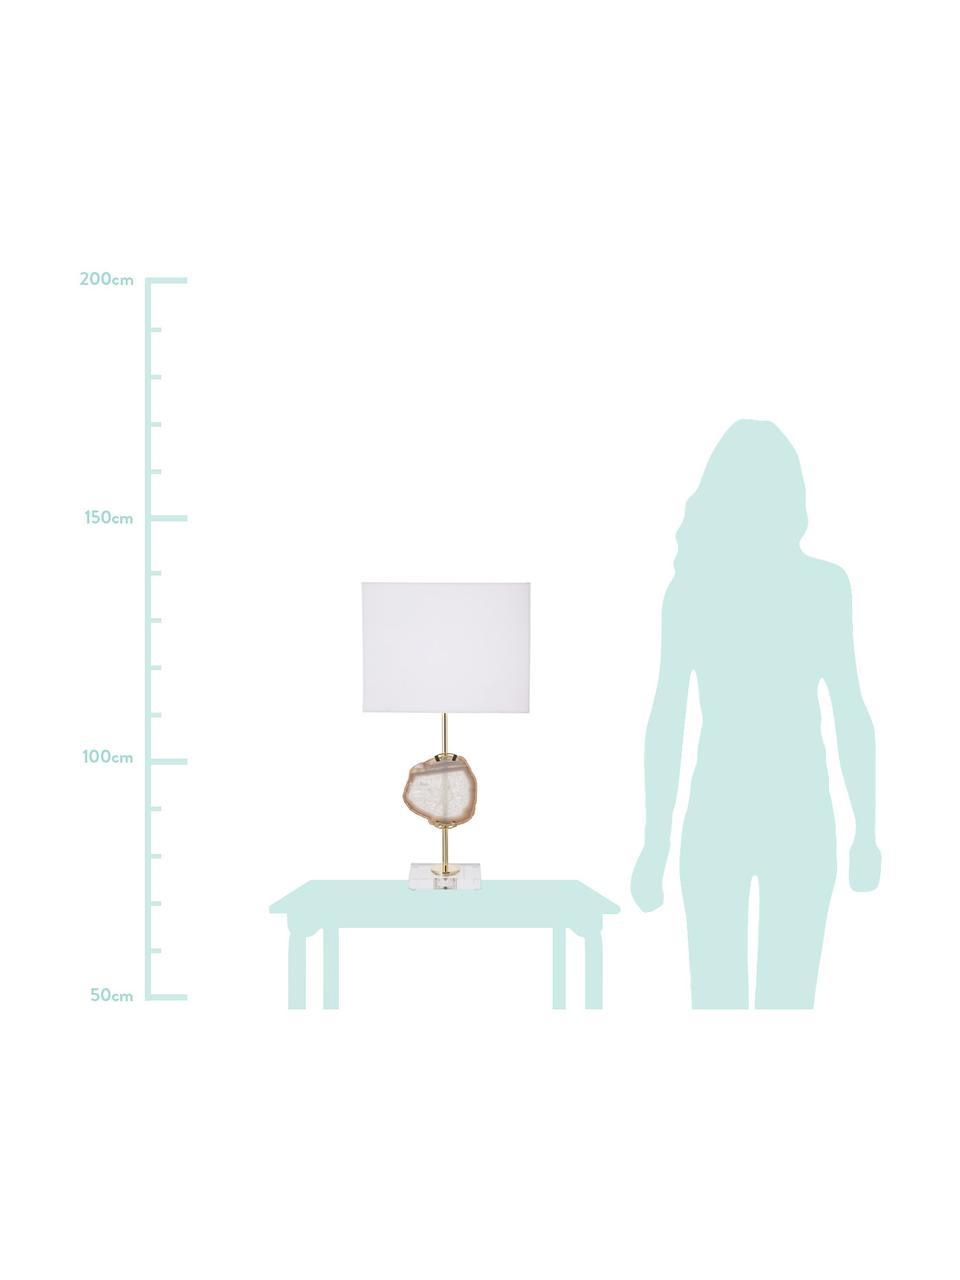 Große Glam-Tischlampe Treasure mit Achat-Dekor, Lampenschirm: Baumwollgemisch, Lampenfuß: Acryl, Metall, Dekor: Achatstein, Transparent, Goldfarben, Beiger AchatLampenschirm: Weiß, 33 x 62 cm